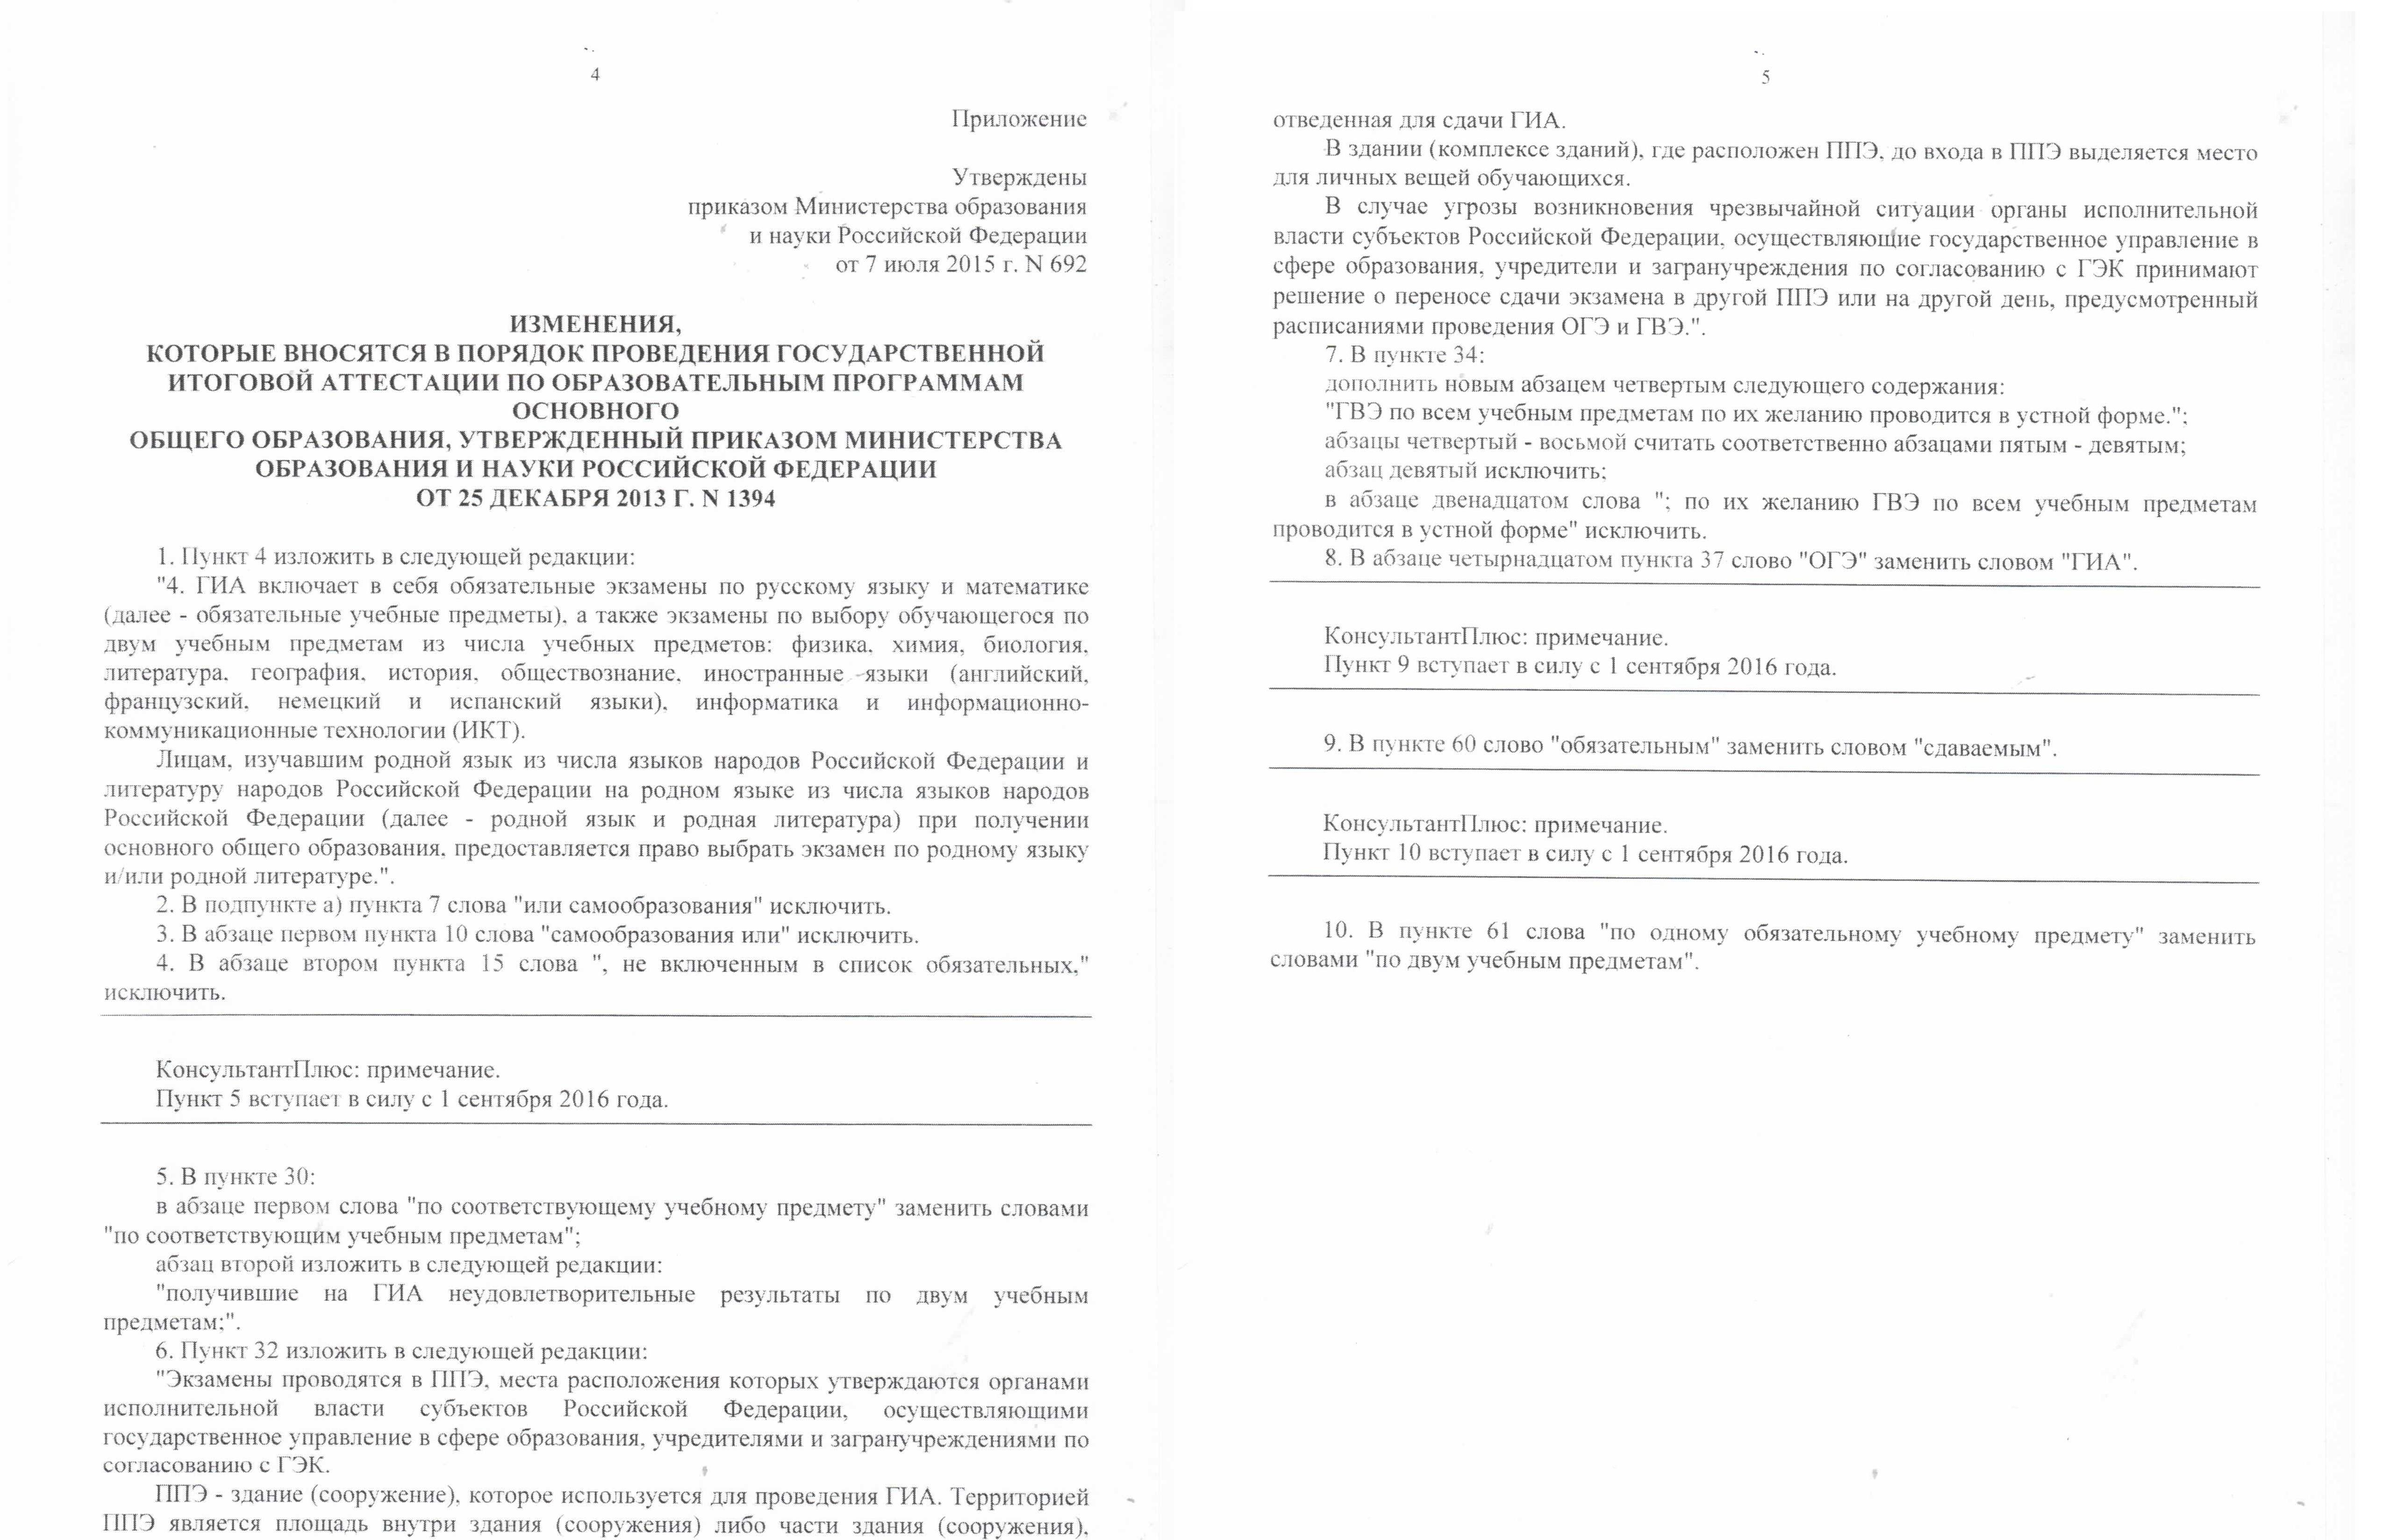 Учебно-методическое обеспечение реализации требований фгос ноо овз.